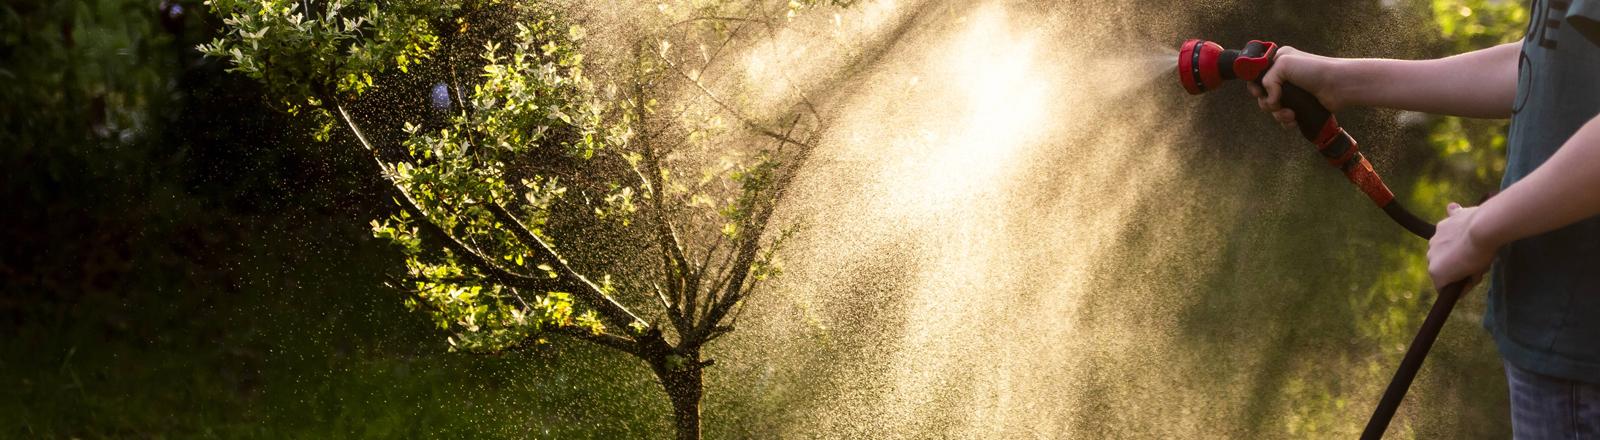 Junge wässert einen Baum.